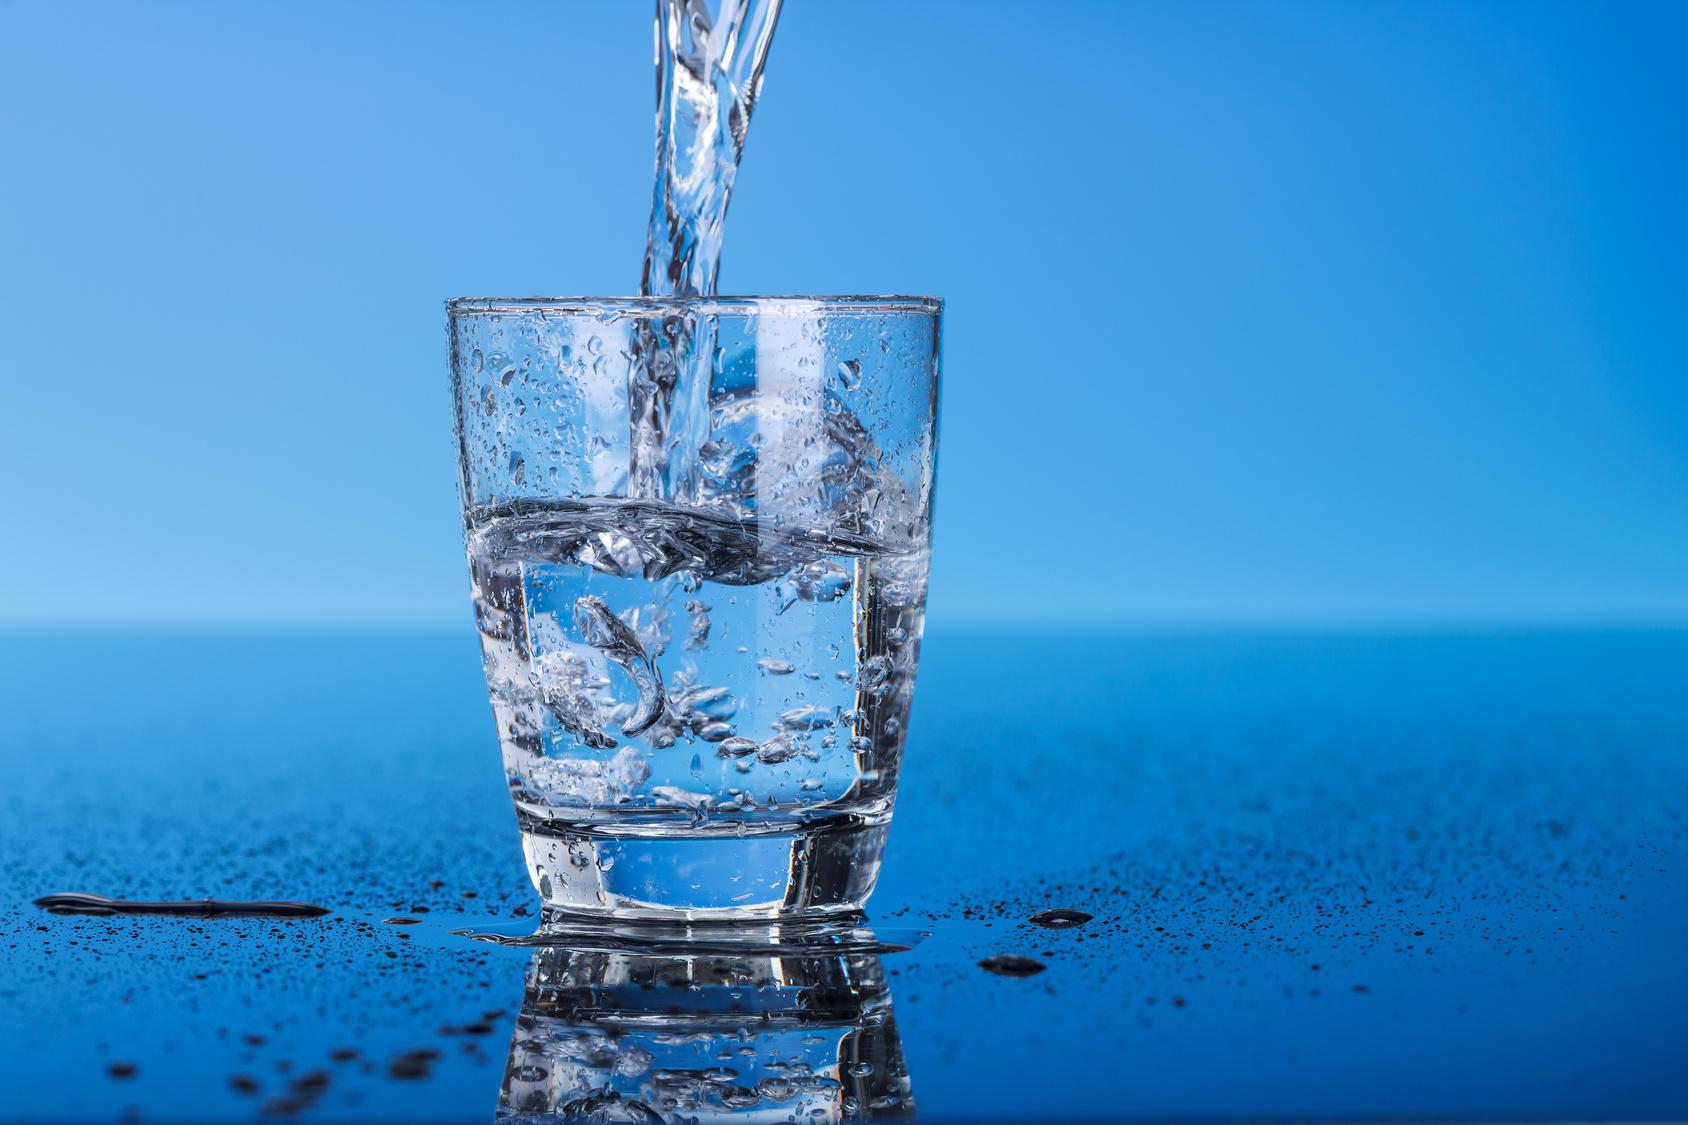 Comment traiter l'eau pour la boire ?